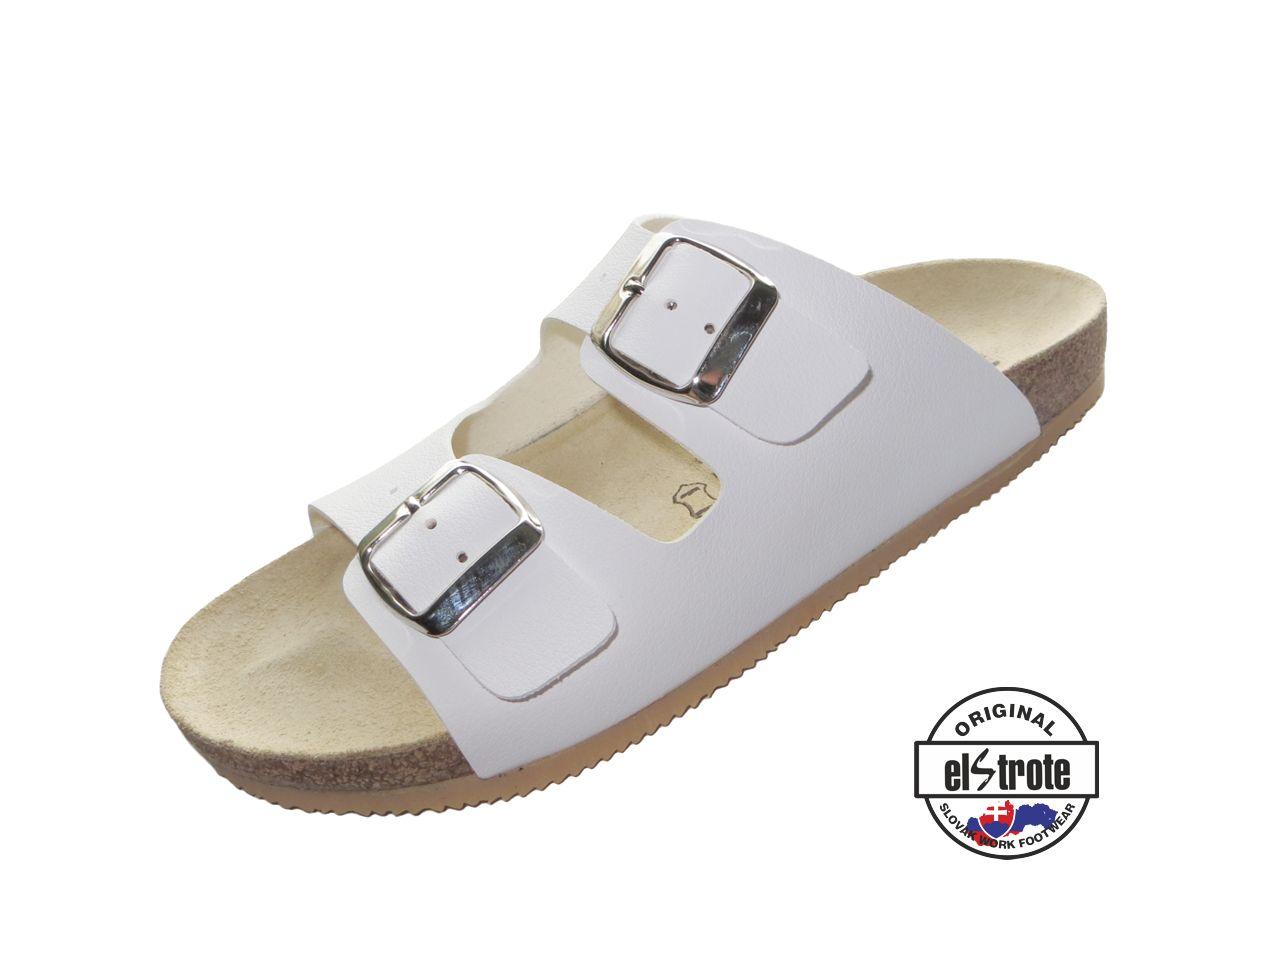 3ca1cc89bd6e Zdravotná ortopedická obuv - Ortho - dámska - 91 701 D f.10  mixxer.sk